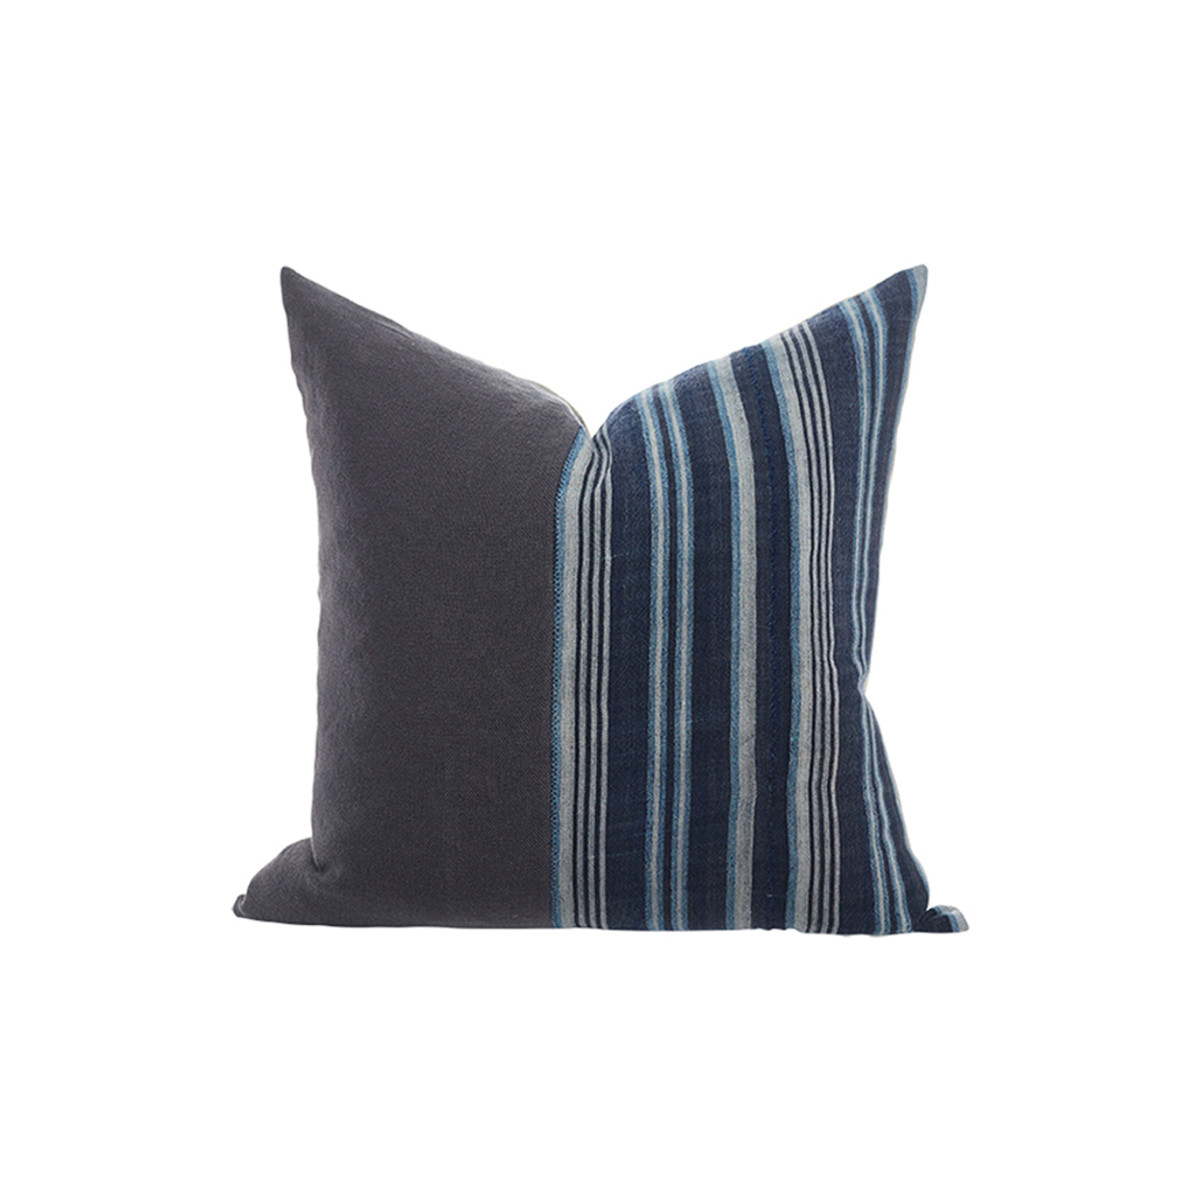 Indigo Pillow 22 - 12190 - front